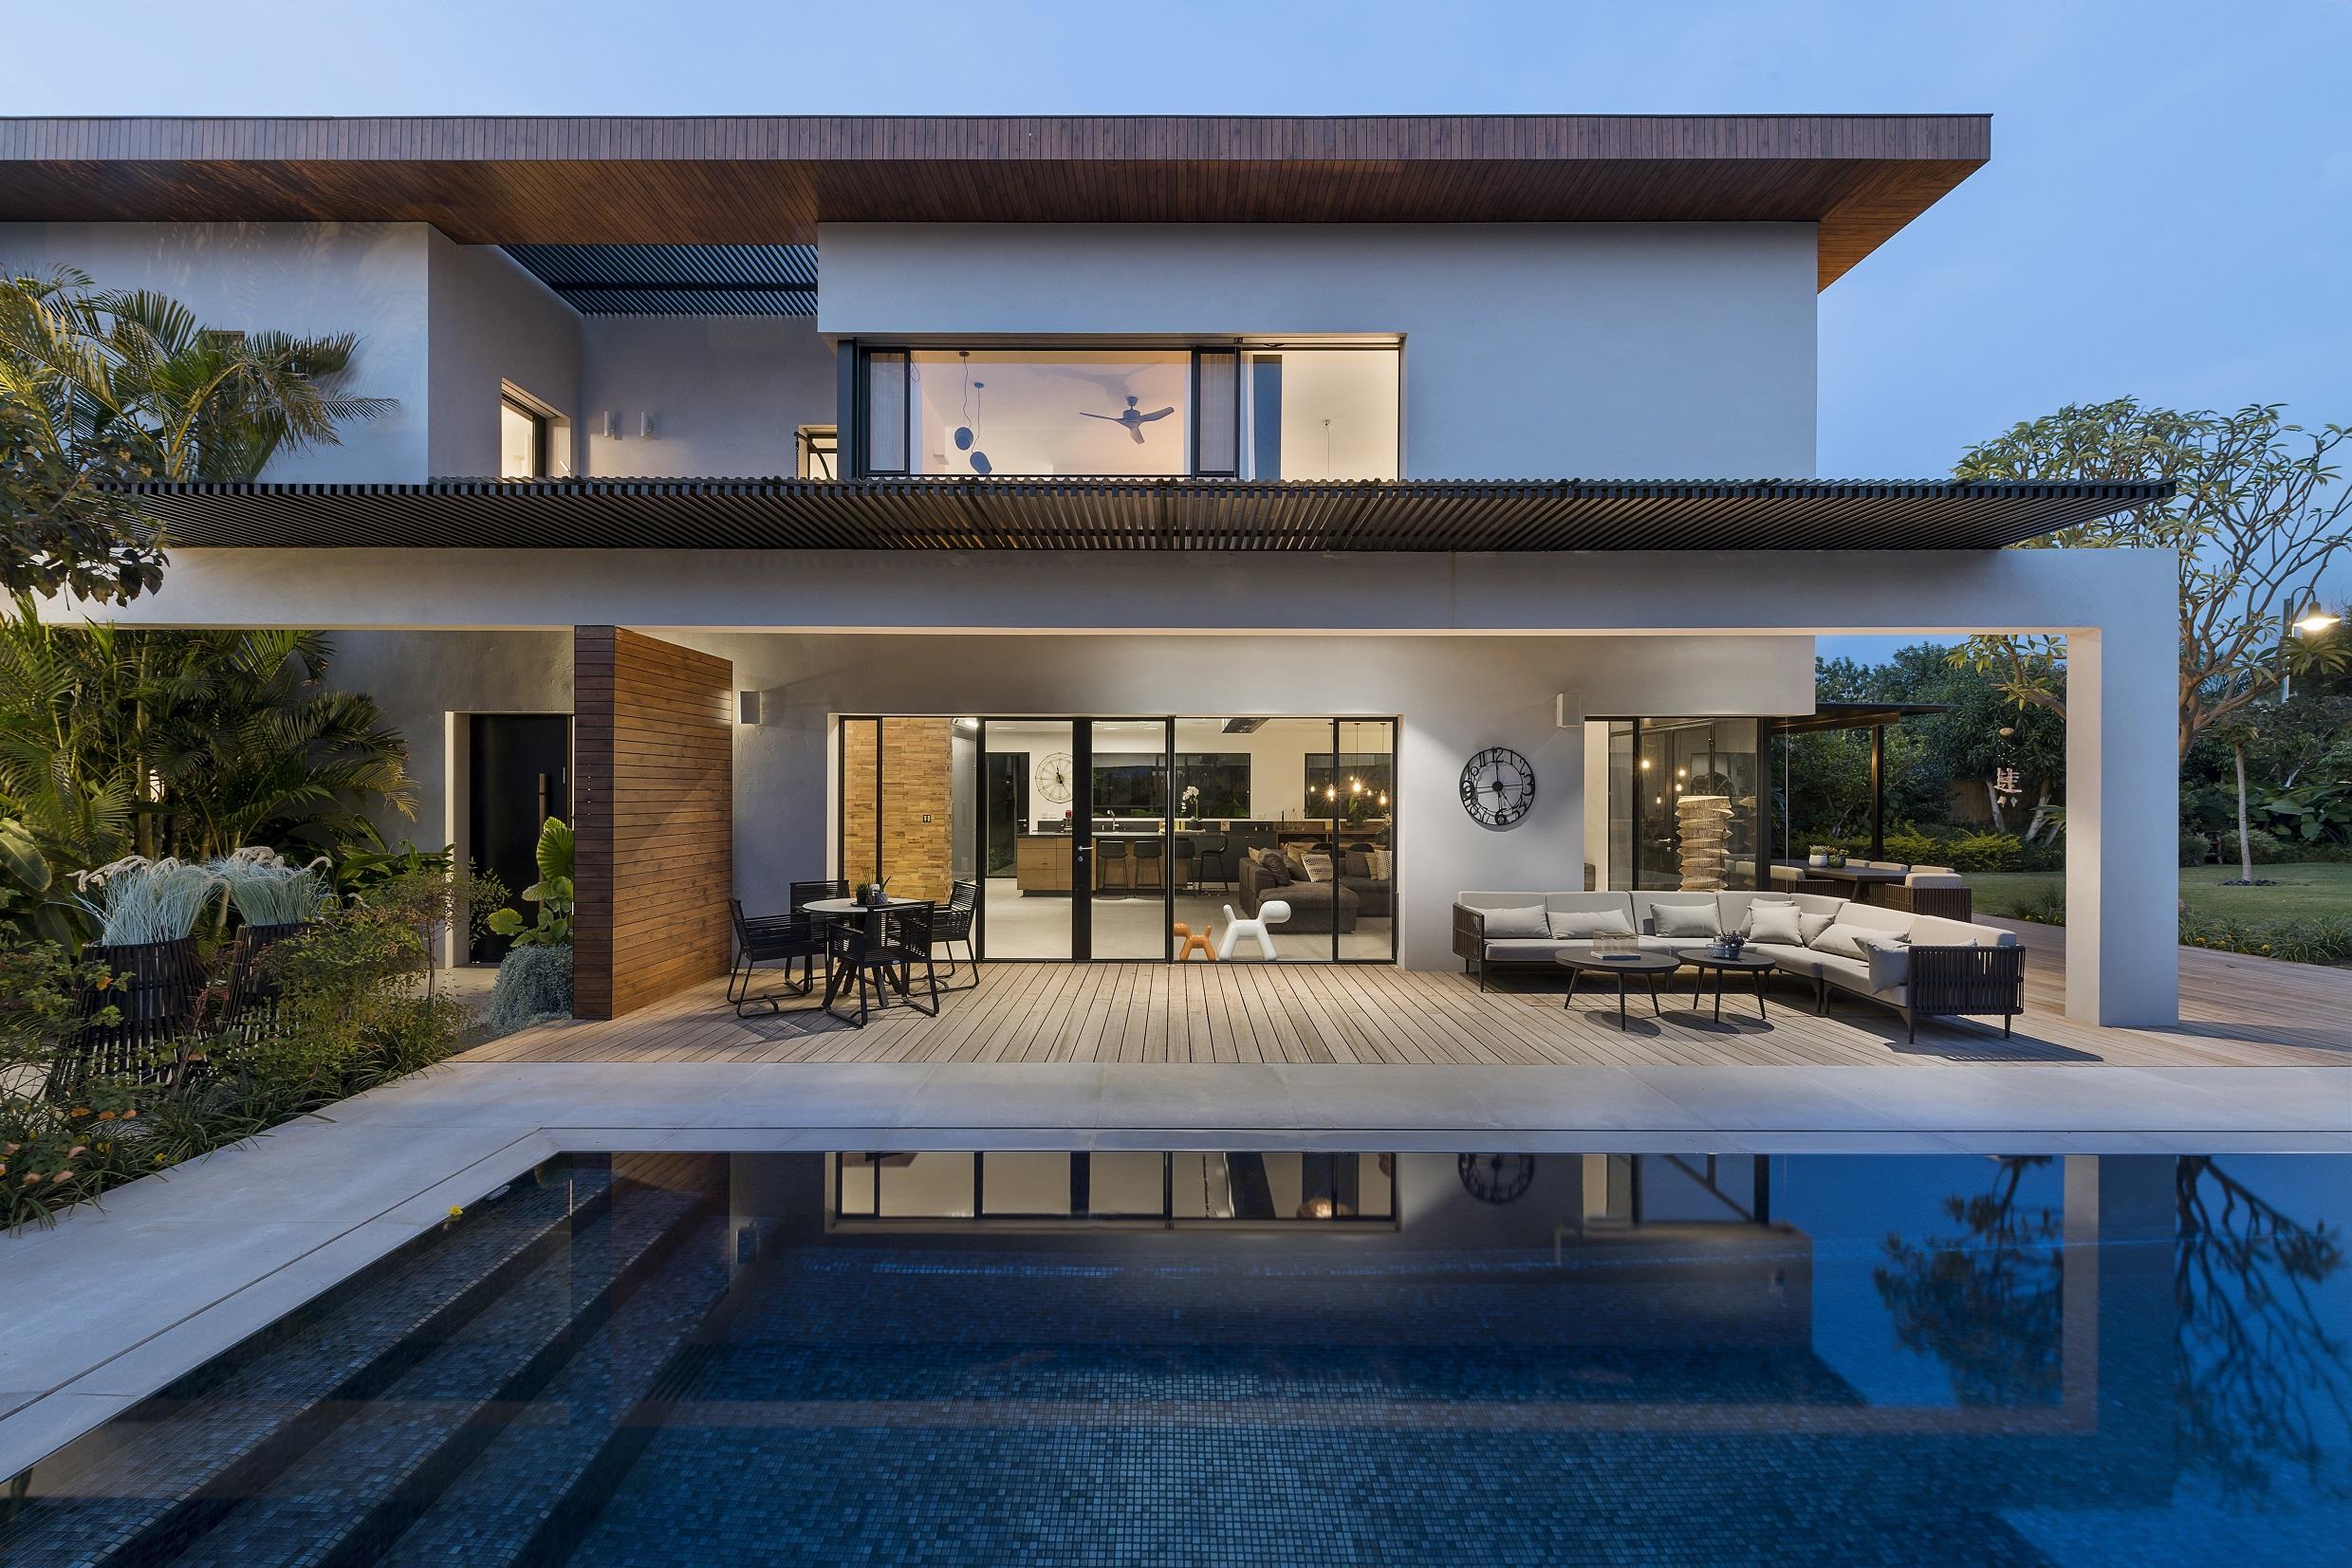 בית בין כרמל לים / נוימן חיינר אדריכלים